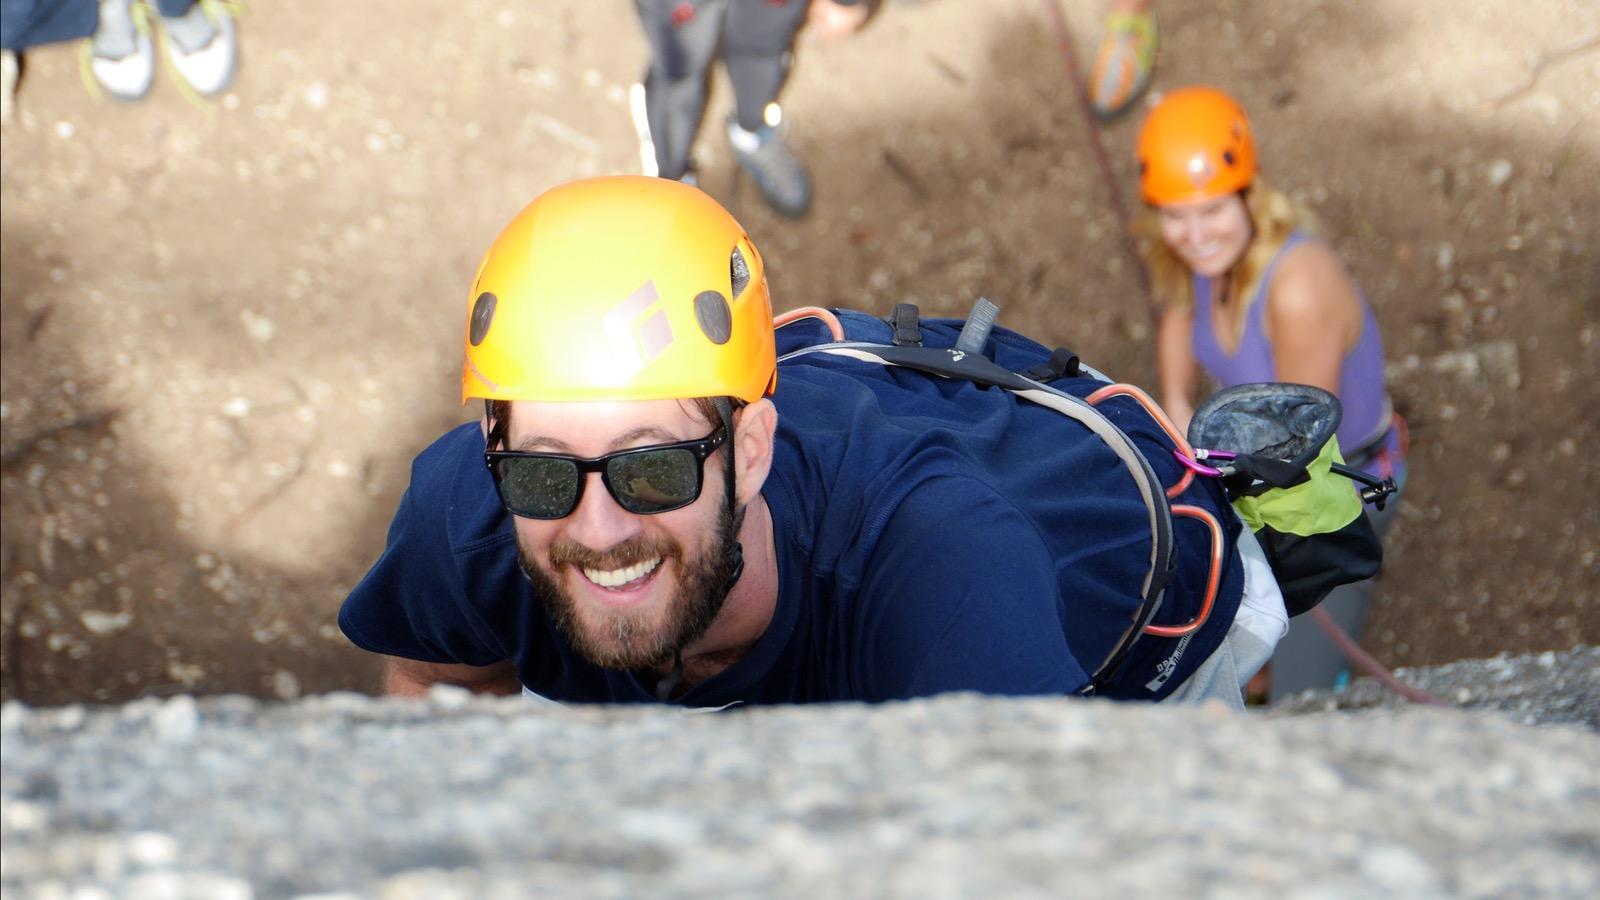 Climbing near Melbourne